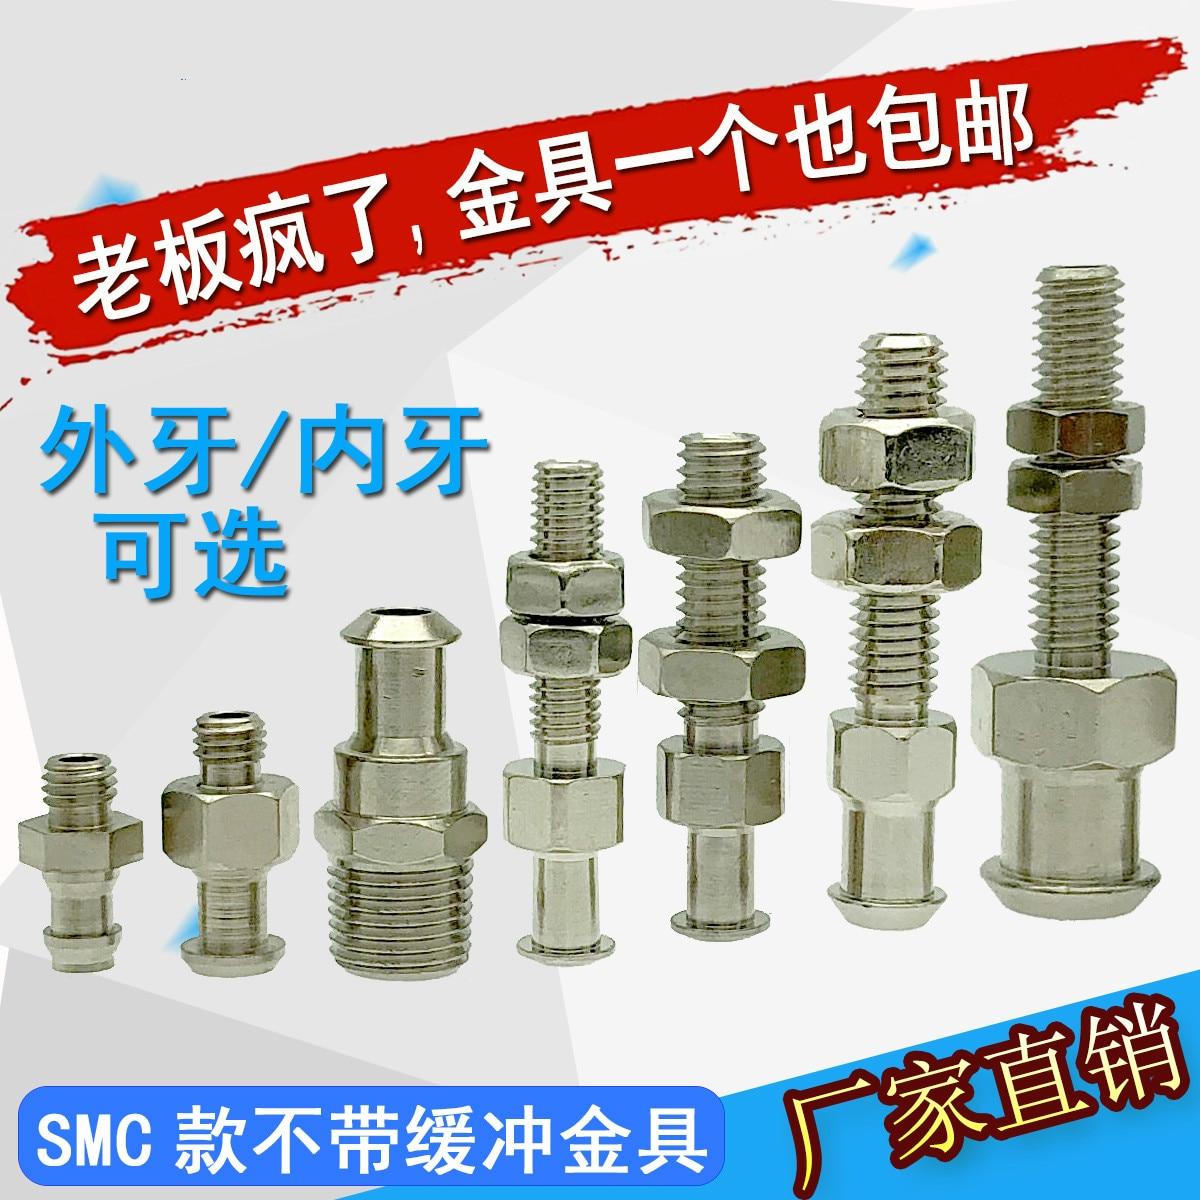 SMC присоски совместных ZPT2-A5ZPT3-A6ZPT2-B5 адаптер ZPT3-A8 внутренние зубы M5 наружные зубцы M6